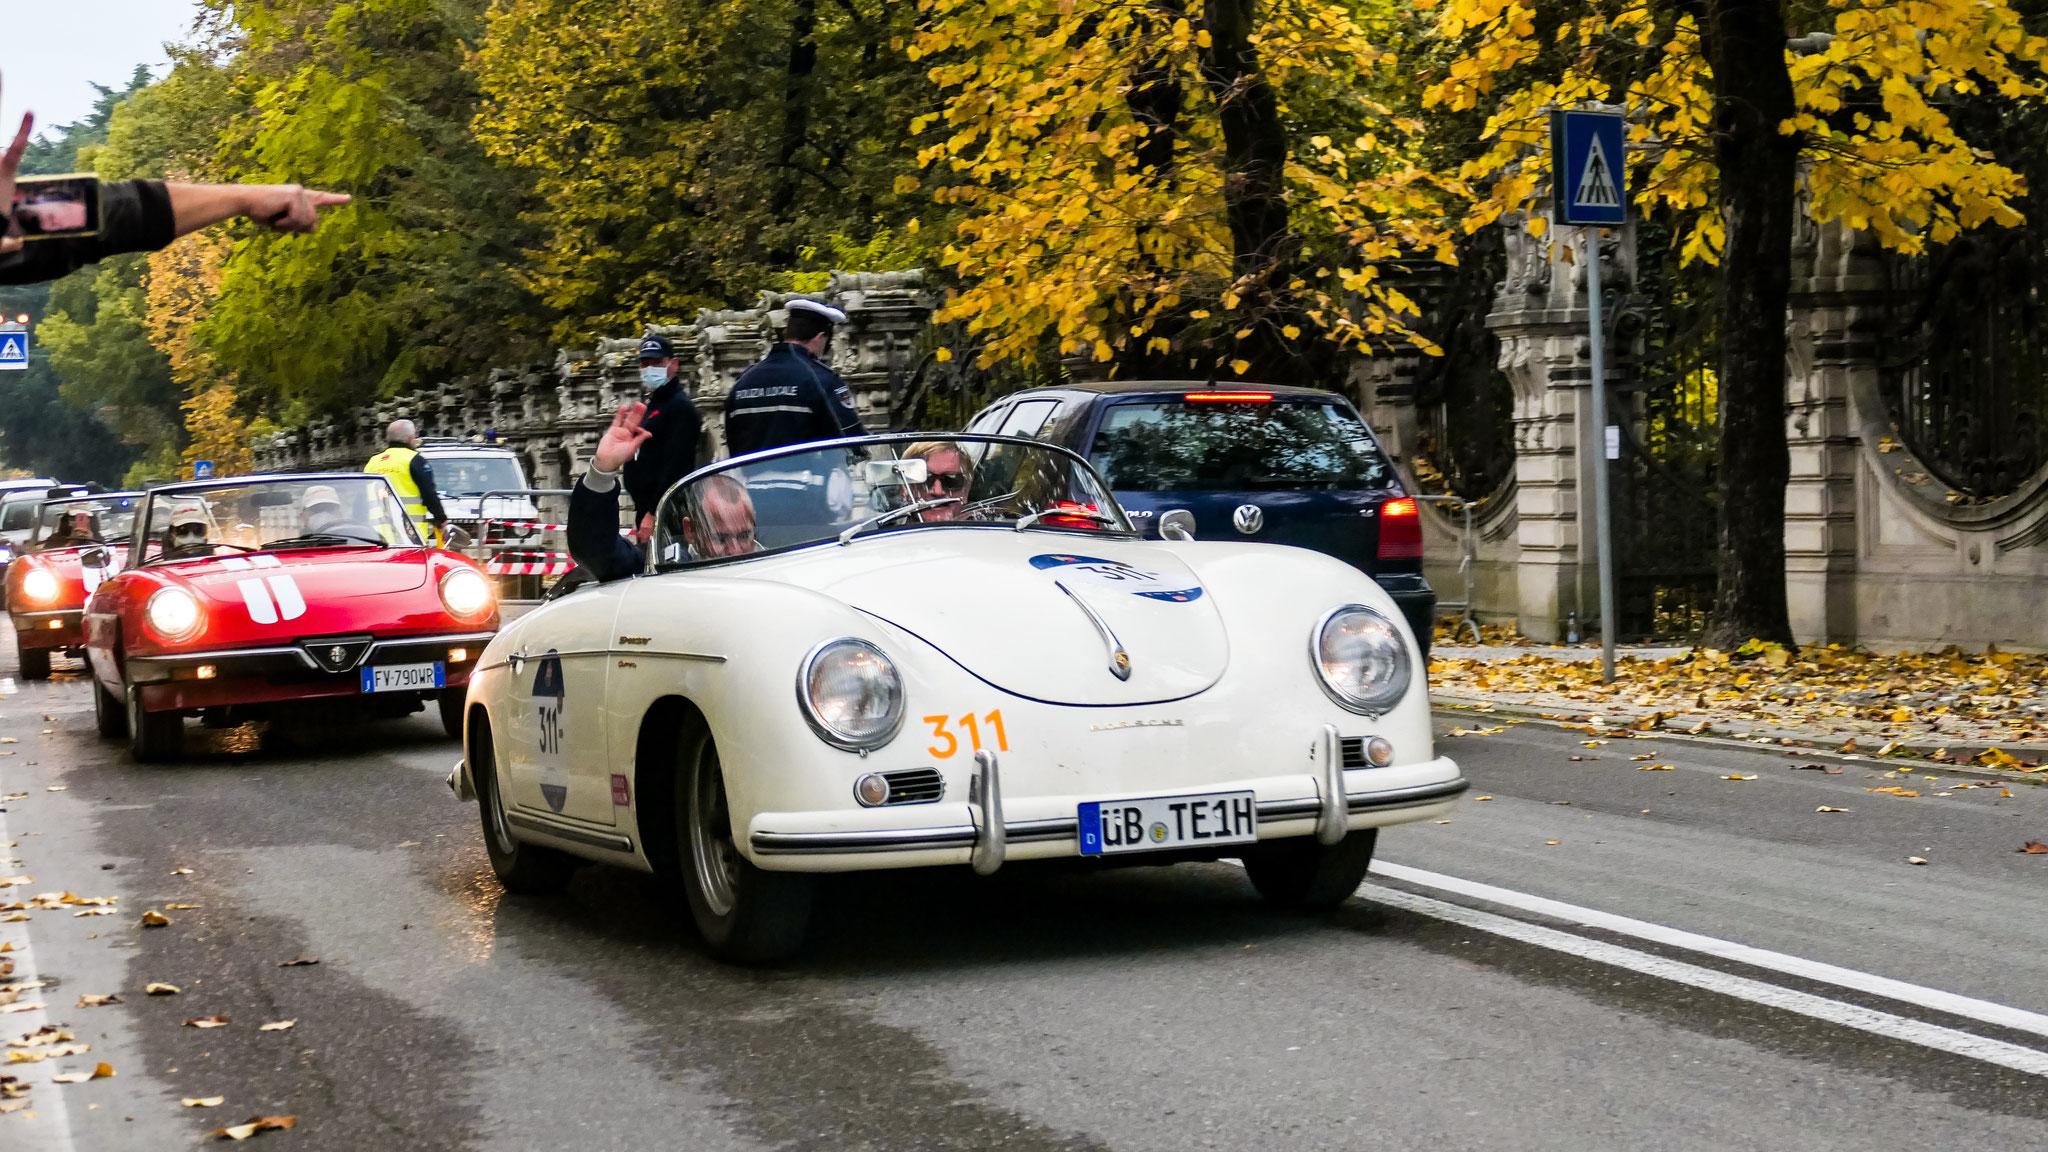 Porsche 356 Speedster Carrera 1500 GS - ÜB-TE-1H